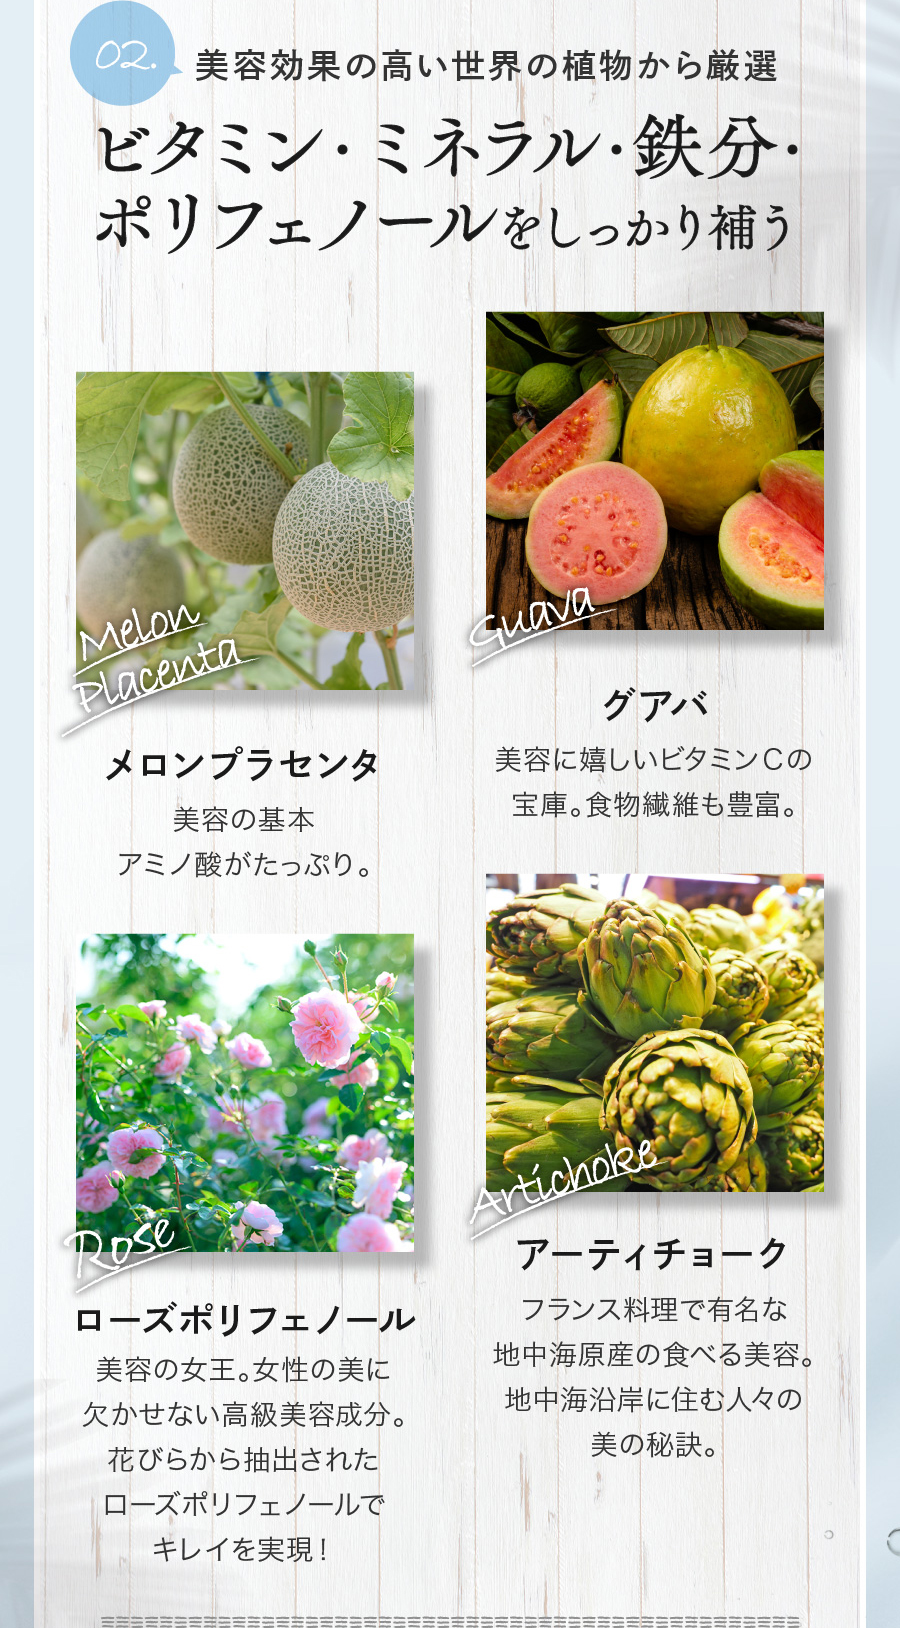 02 美容効果の高い世界の植物から厳選 ビタミン・ミネラル・鉄分・ポリフェノールをしっかり補う